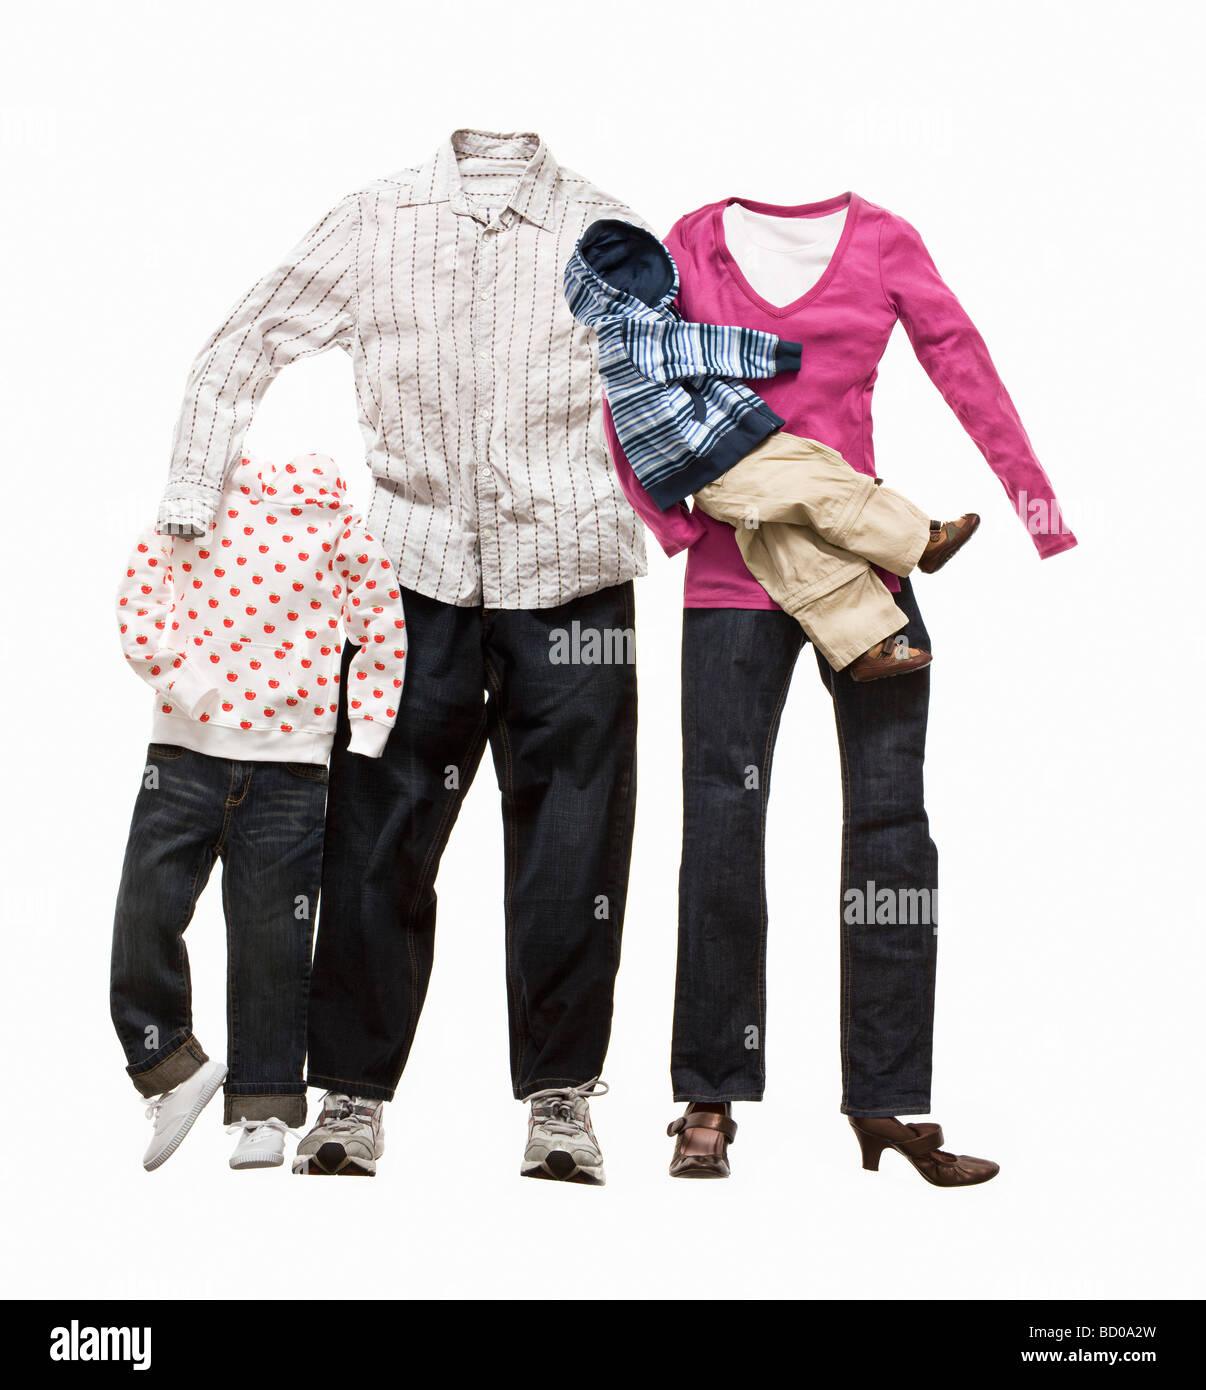 Una familia de ropa Imagen De Stock